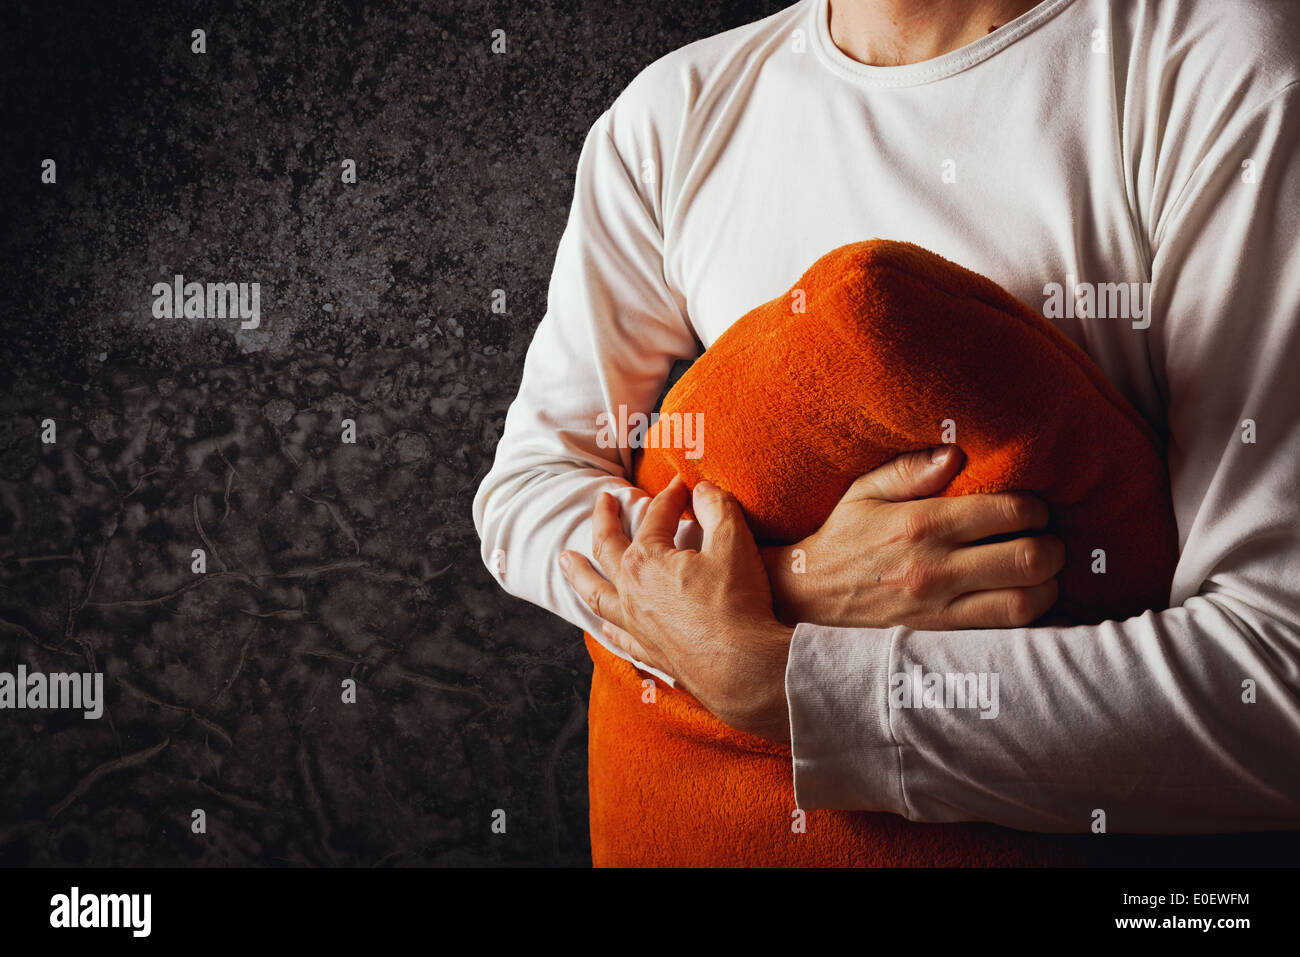 Man hugging pillow orange dans une pièce sombre. Concept de chagrin, de tristesse et de dépression. Photo Stock